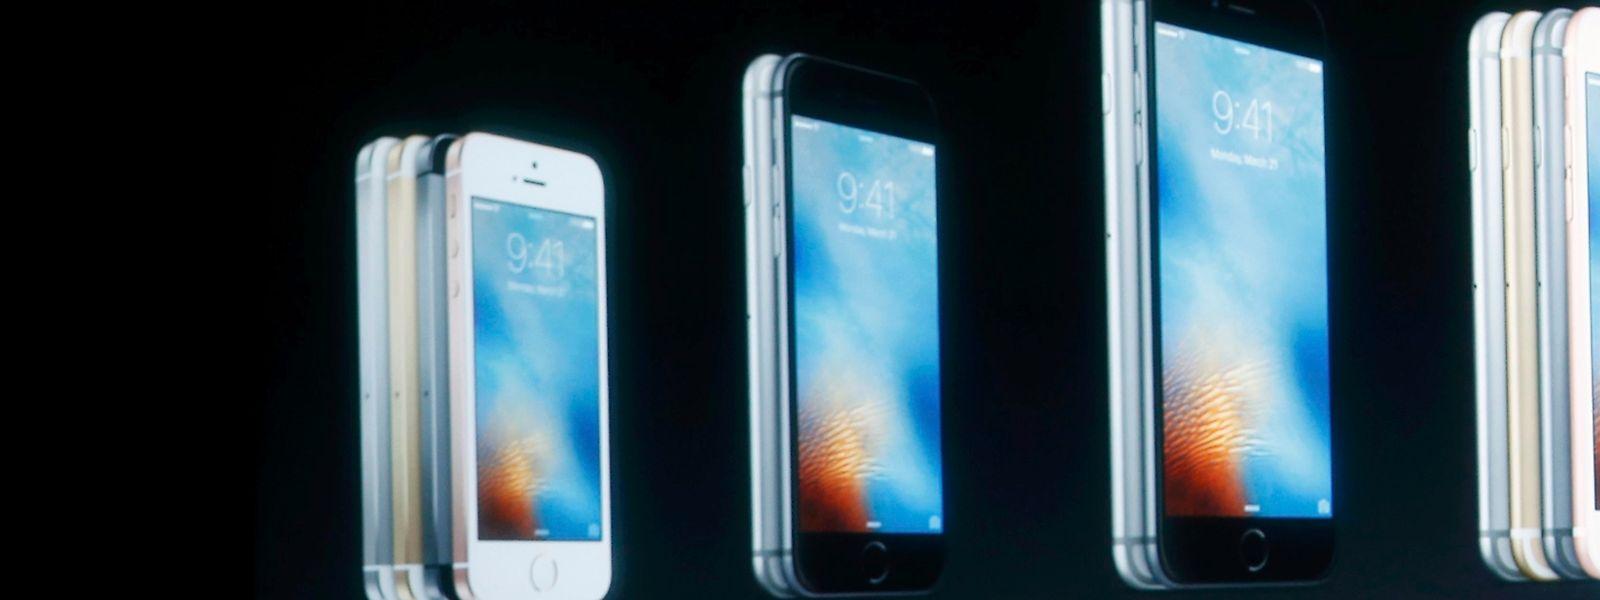 """Das iPhone SE (links) ist im Vergleich zu den Modellen 6 und 6 Plus kleiner, verfügt aber über einige Technik-Features aus den """"Großen""""."""